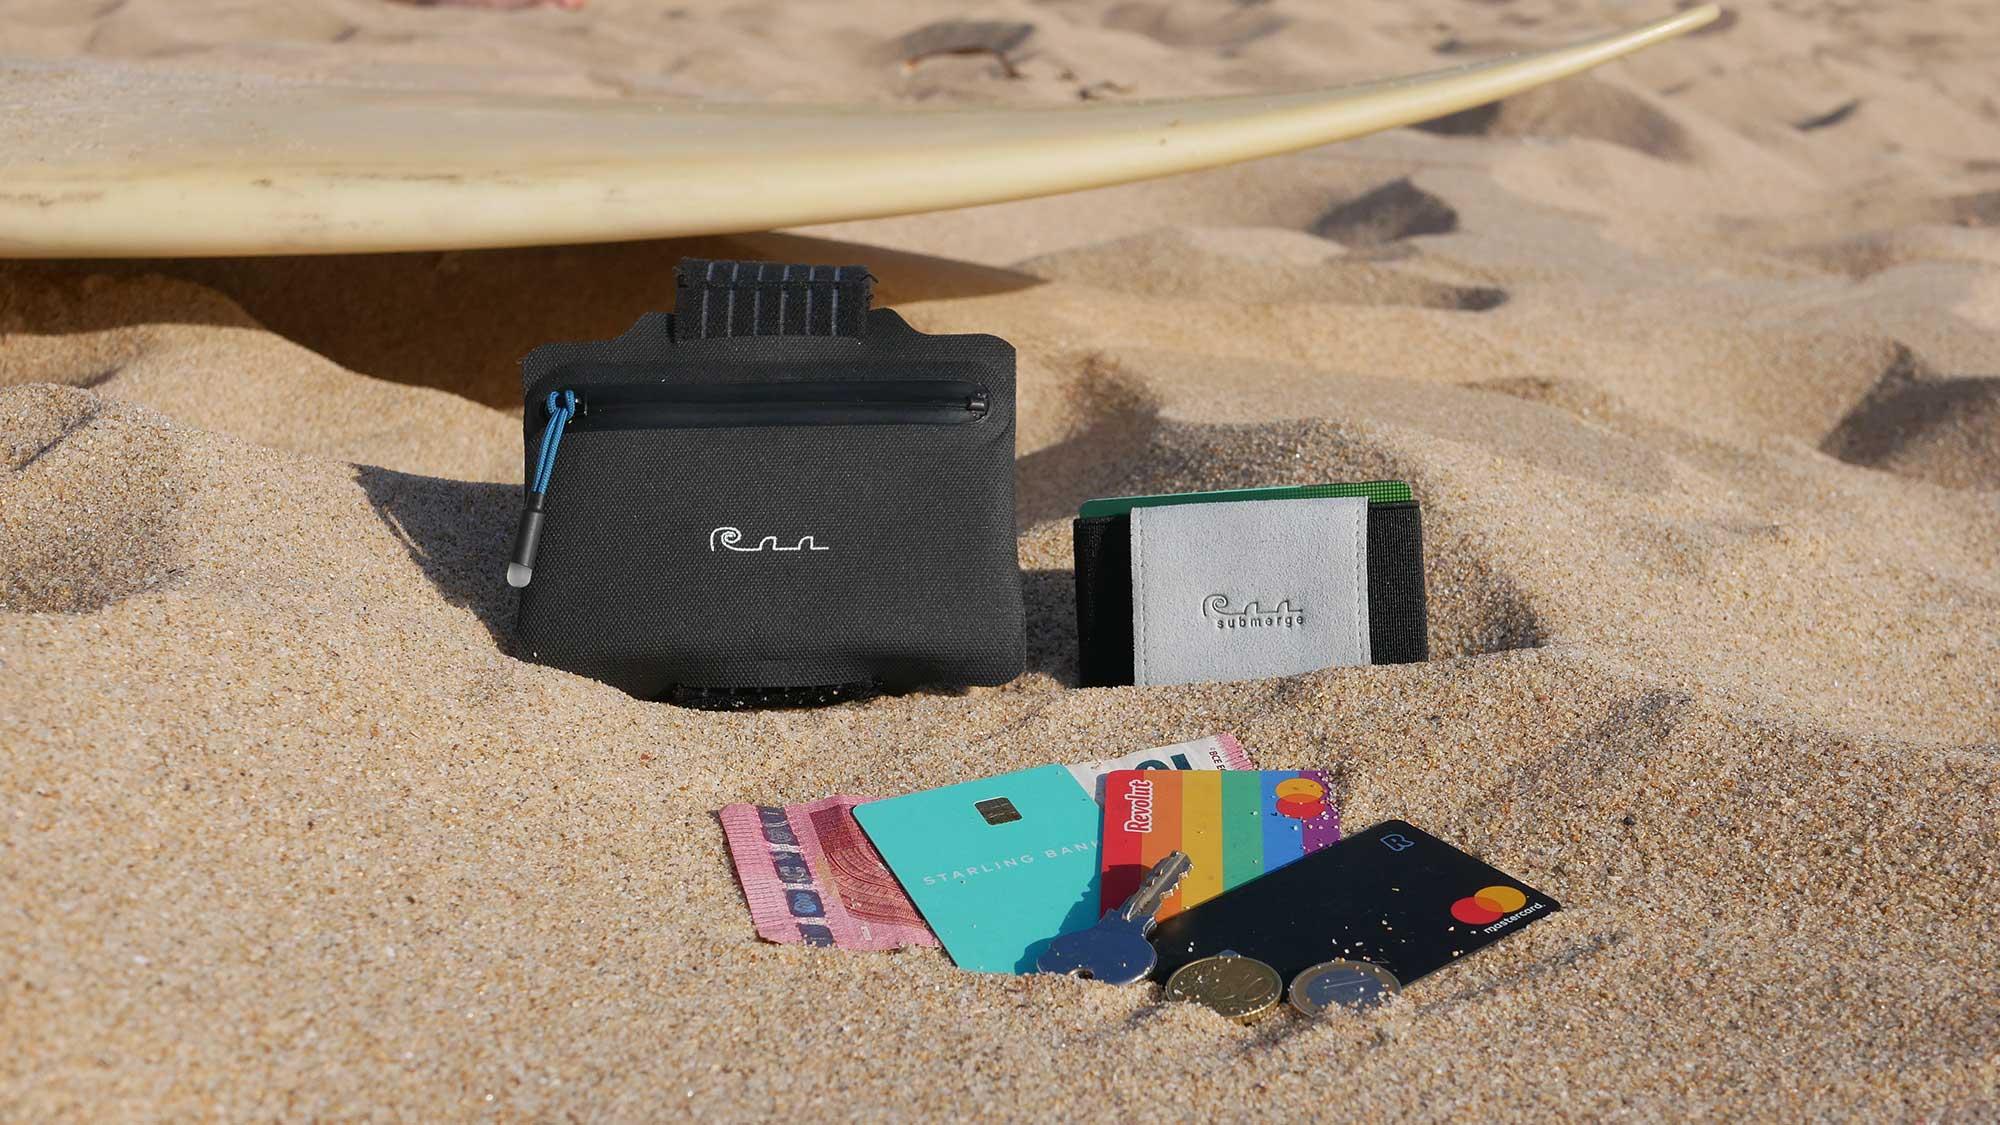 Submerge Wearable Waterproof Wallet